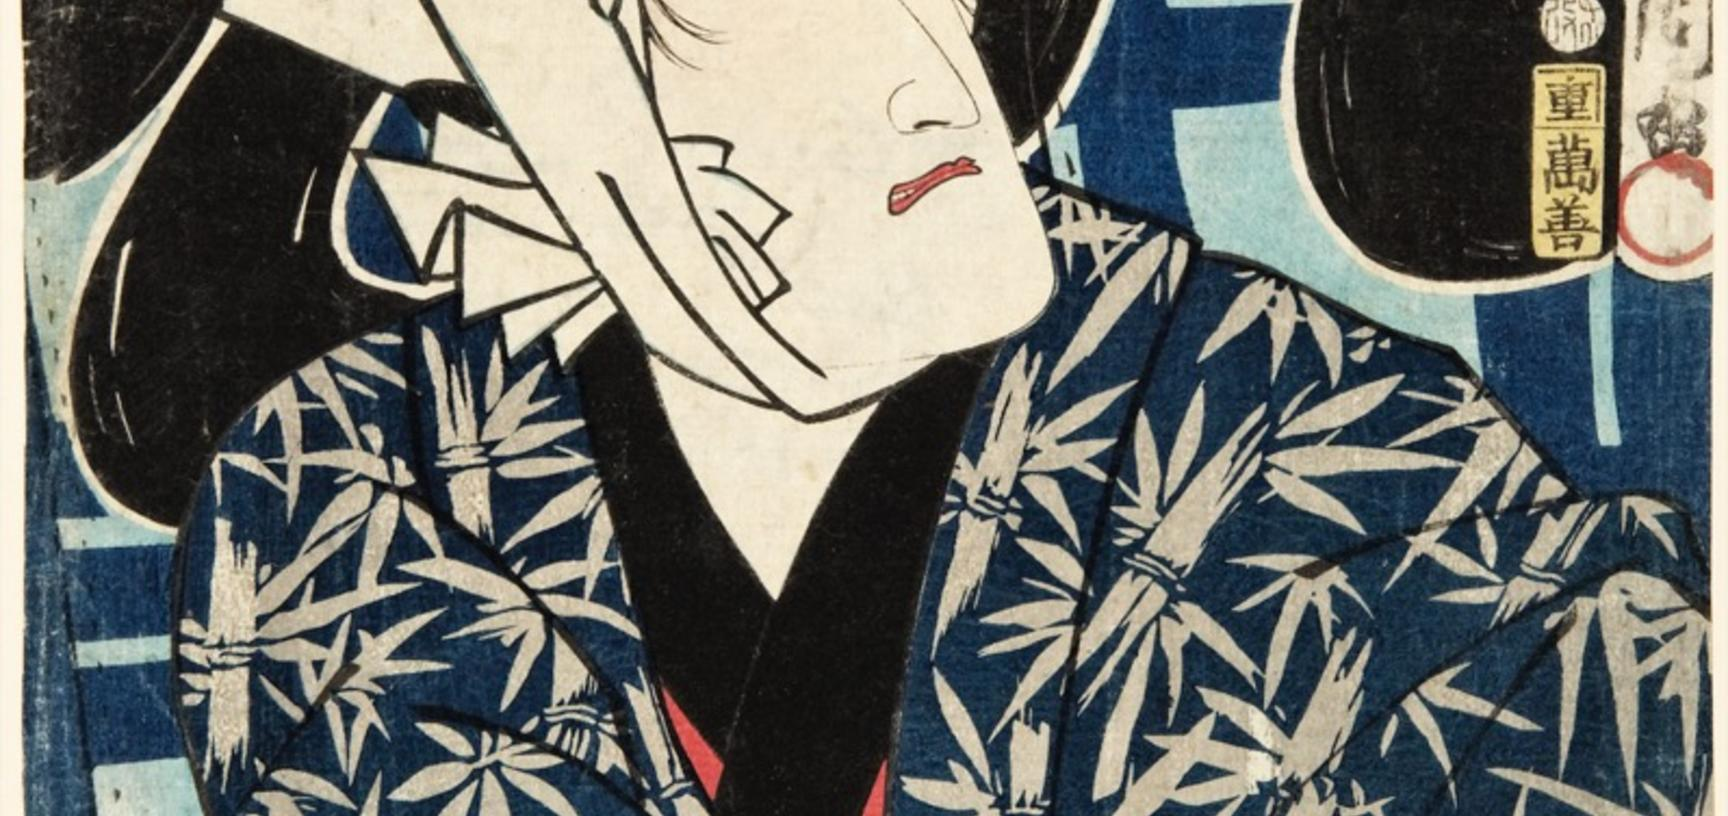 The actor Ichimura Kakitsu IV performing the role of Tamaya Shinbei in the kabuki play Tsukinode mura rokuya no hitofushi in the Ichimura-za, one of the oldest licensed theatres in Edo (now Tokyo). Woodblock print by Toyohara Kunichika. 1864. (Copyright P